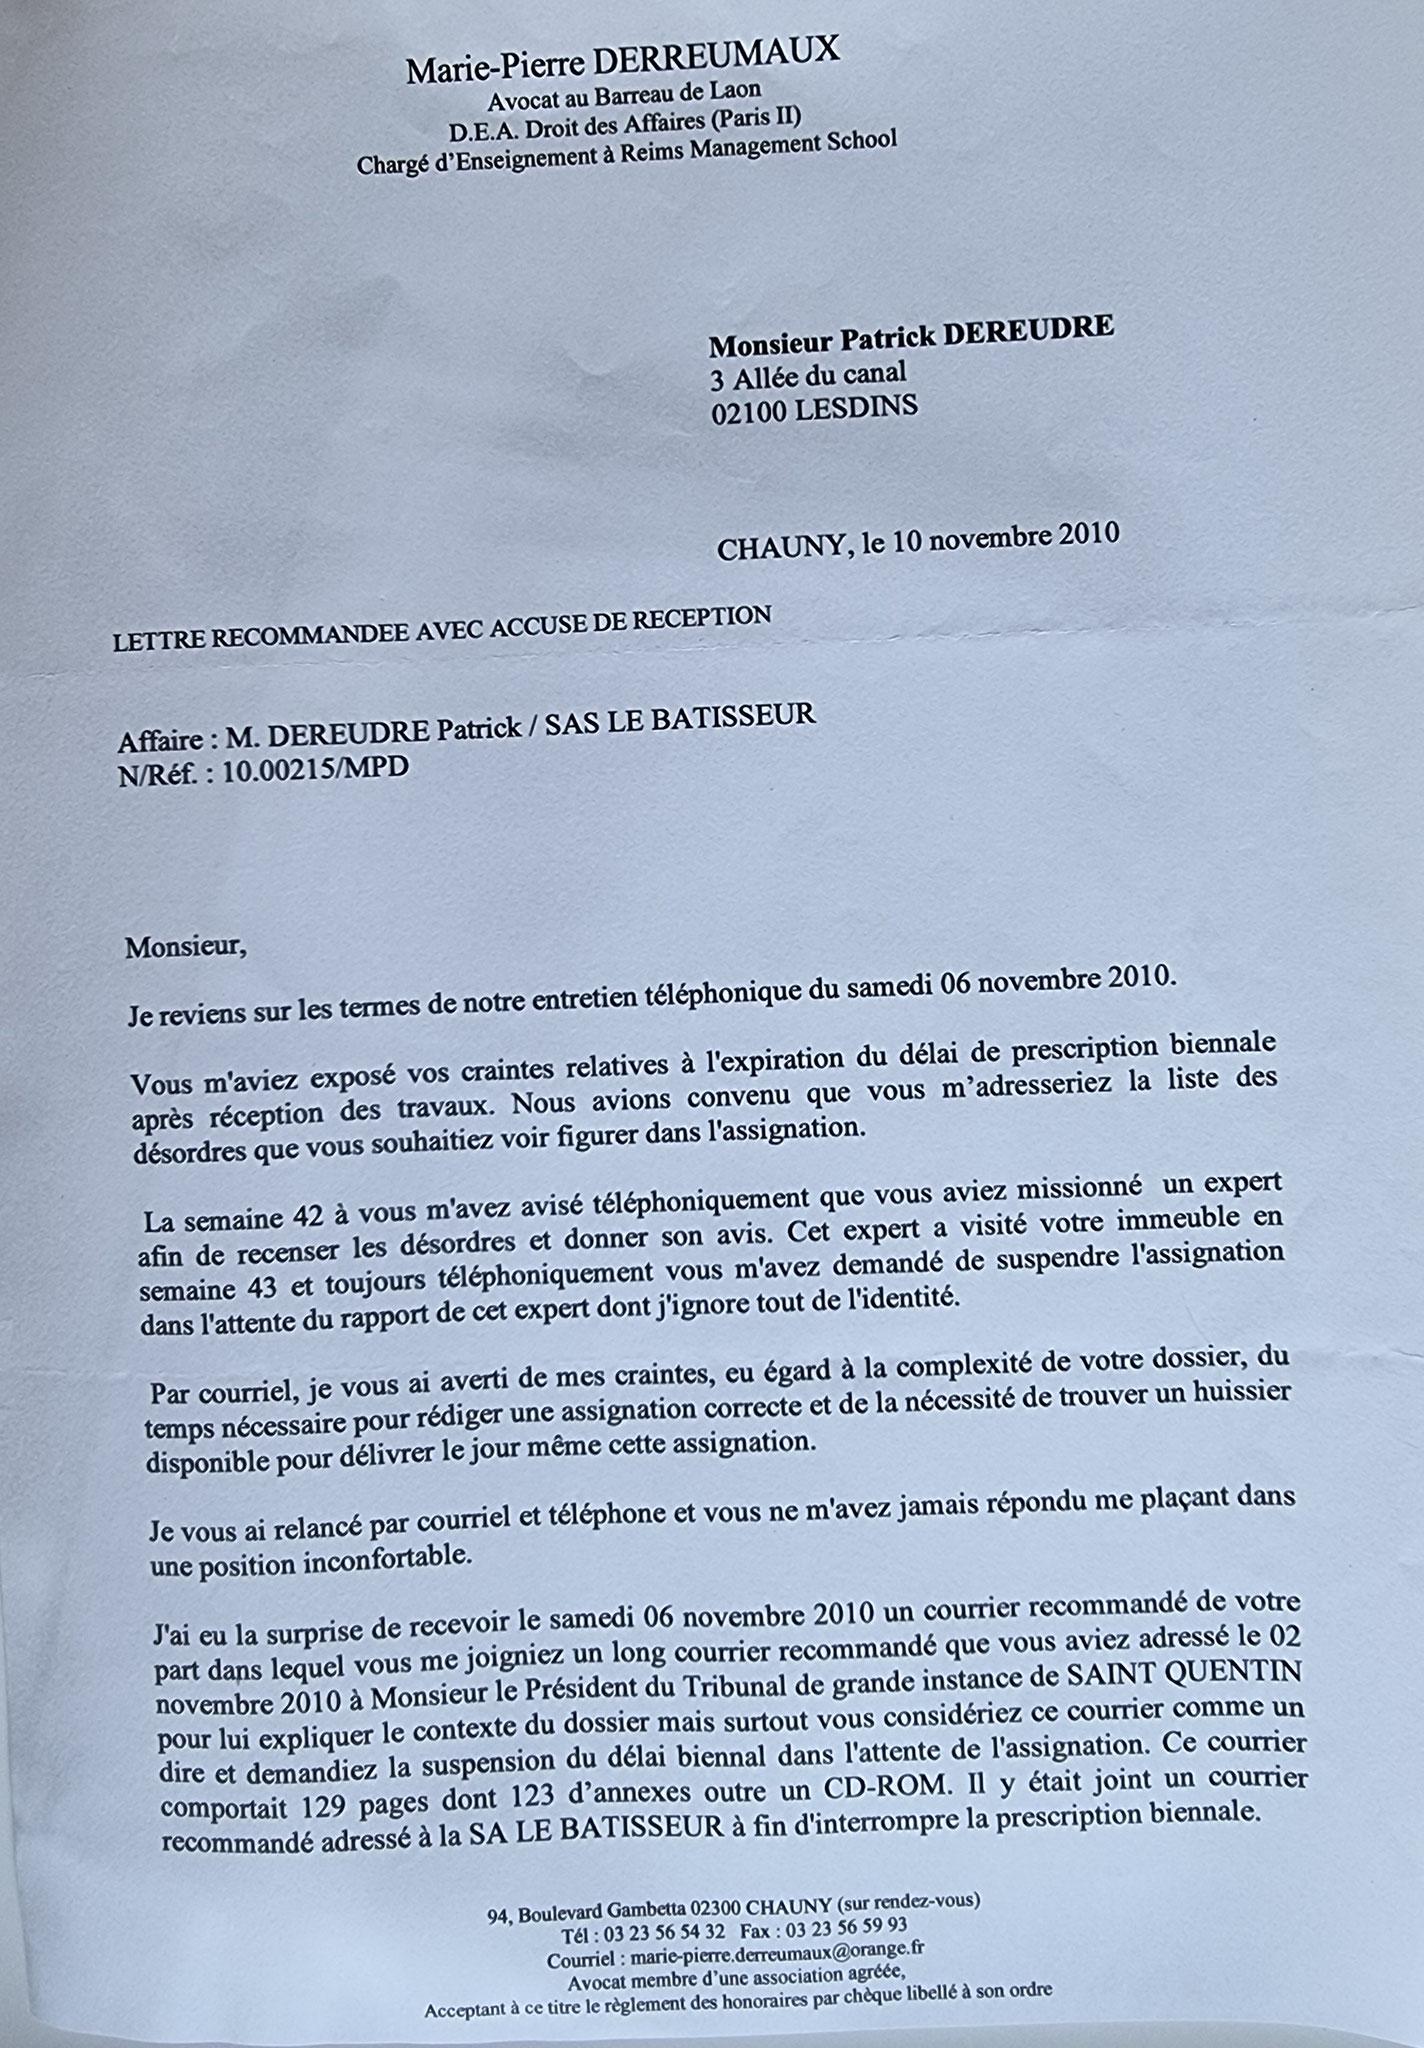 Le 10 novembre 2010 Maître Marie-Pierre DEREUMAUX Avocate à Chauny m'adresse un courrier  TOUT L'ART de la Manipulation...  www.jesuispatrick.fr www.jesuisvictime.fr